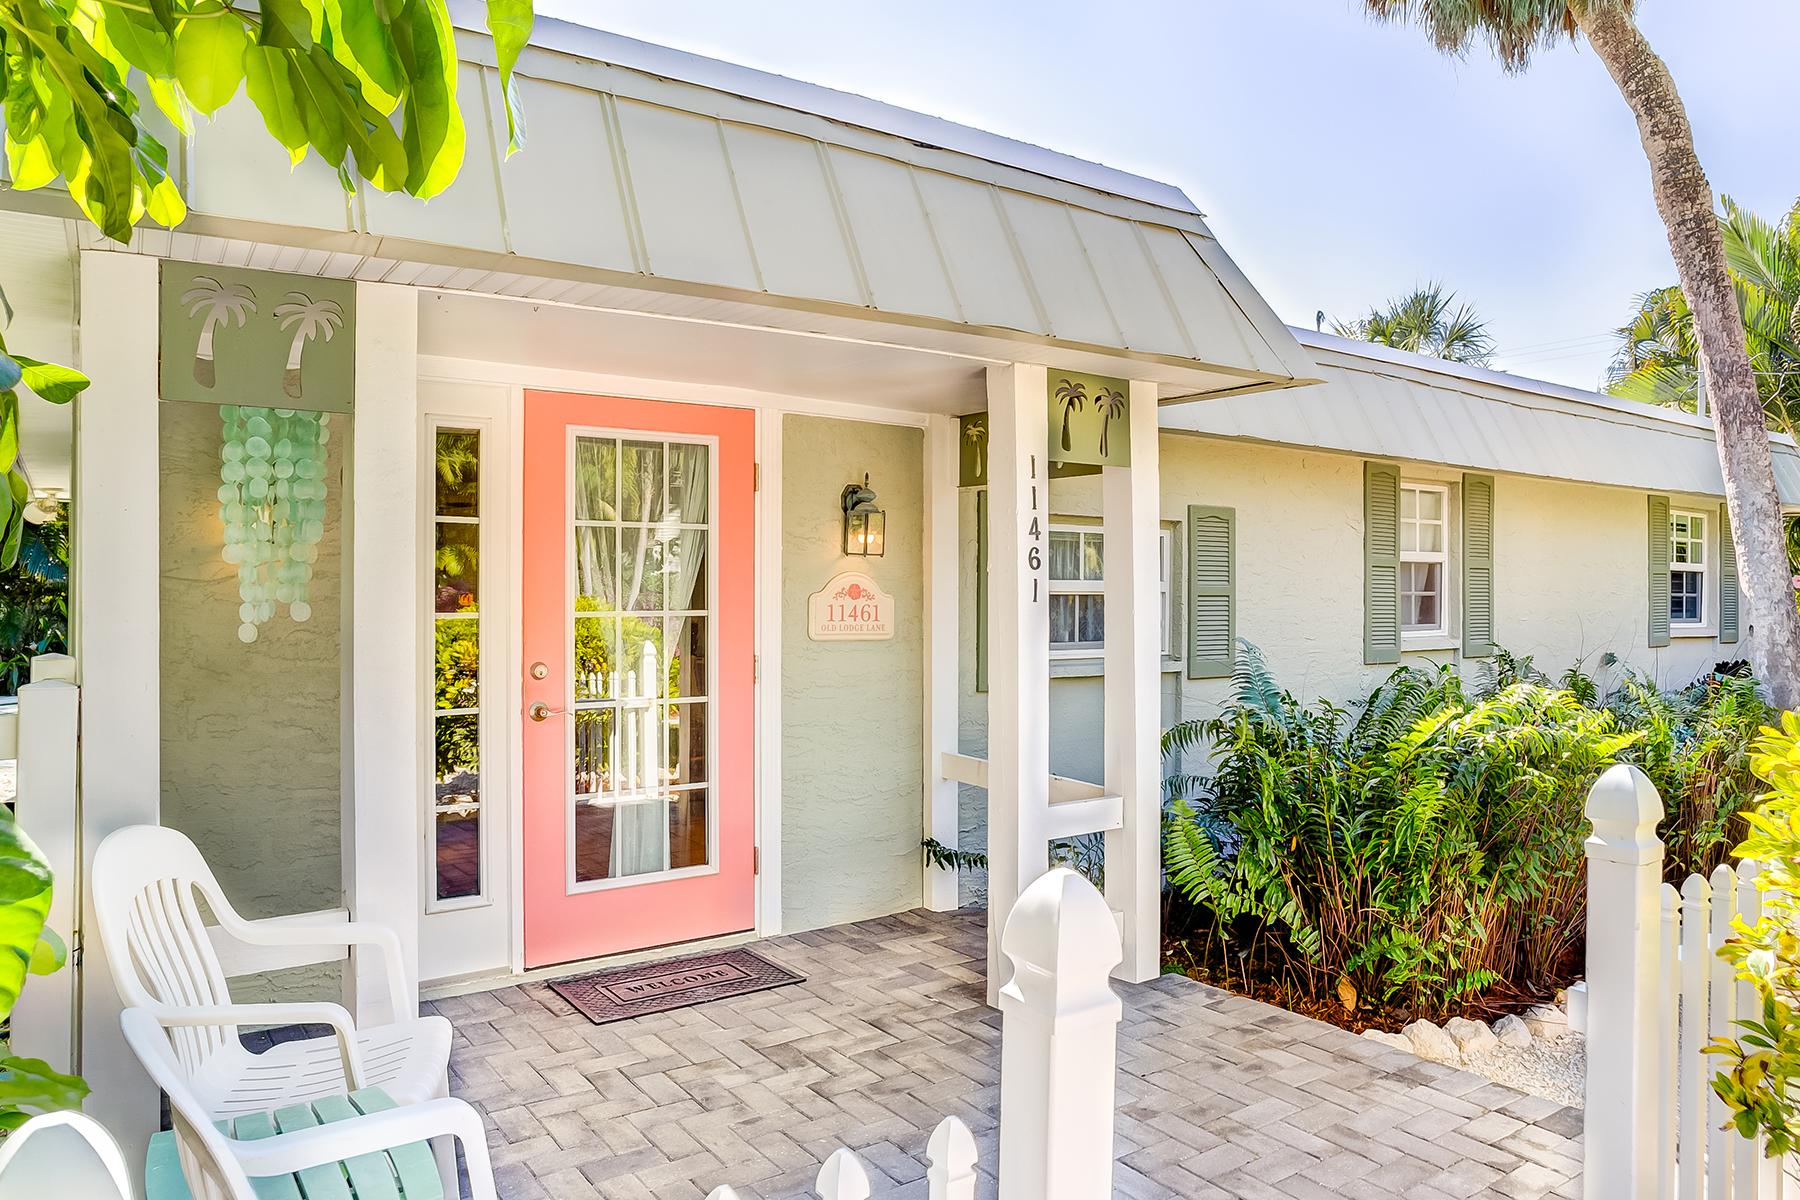 Maison unifamiliale pour l Vente à CAPTIVA 11461 Old Lodge Ln Captiva, Florida, 33924 États-Unis